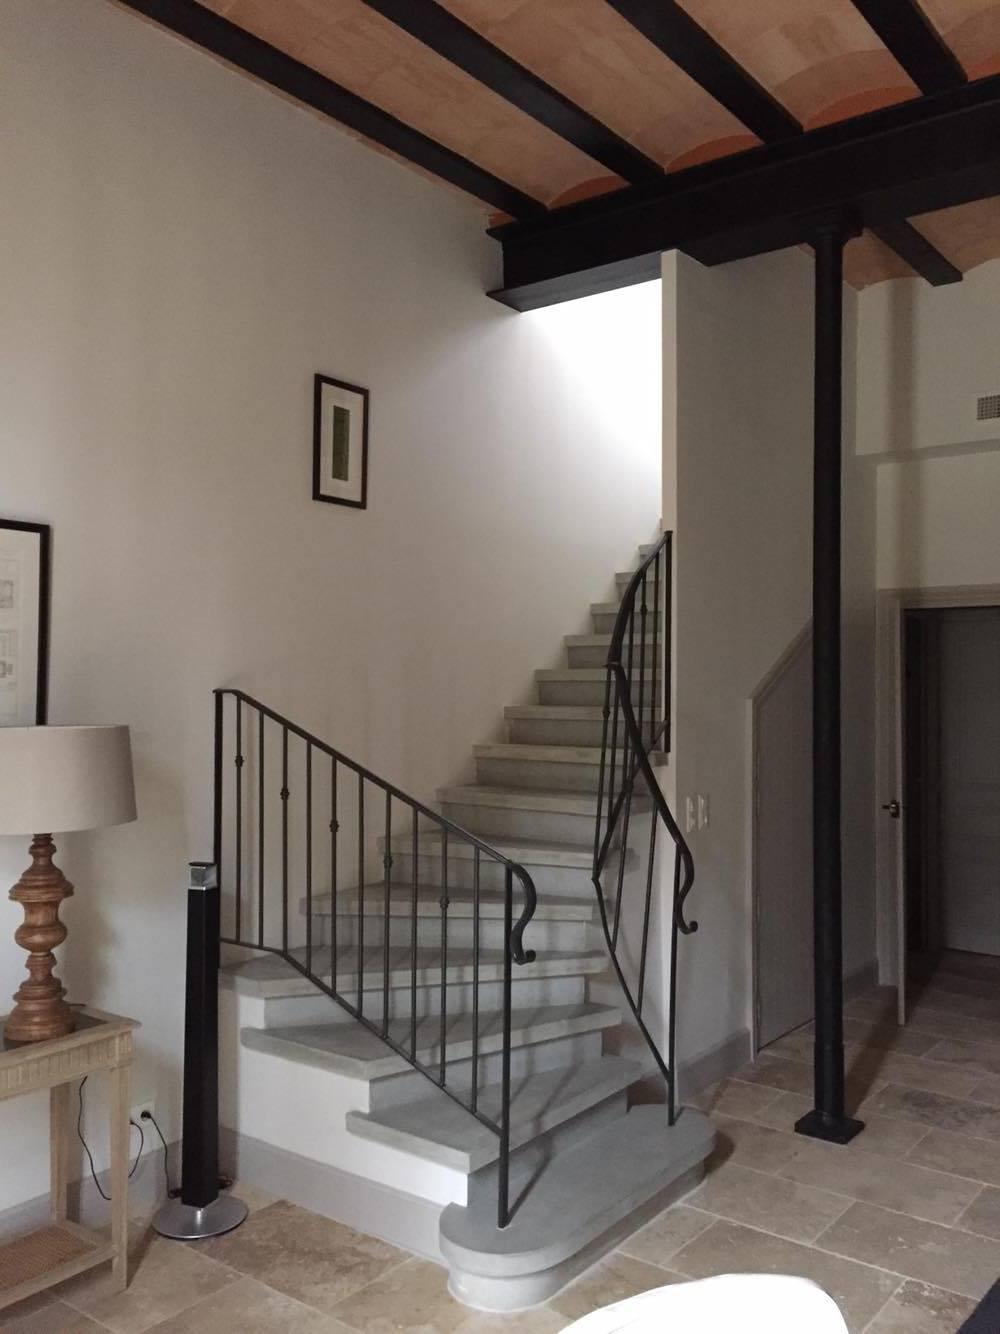 Fabrication Et Pose D Escalier En Beton Et En Bois A